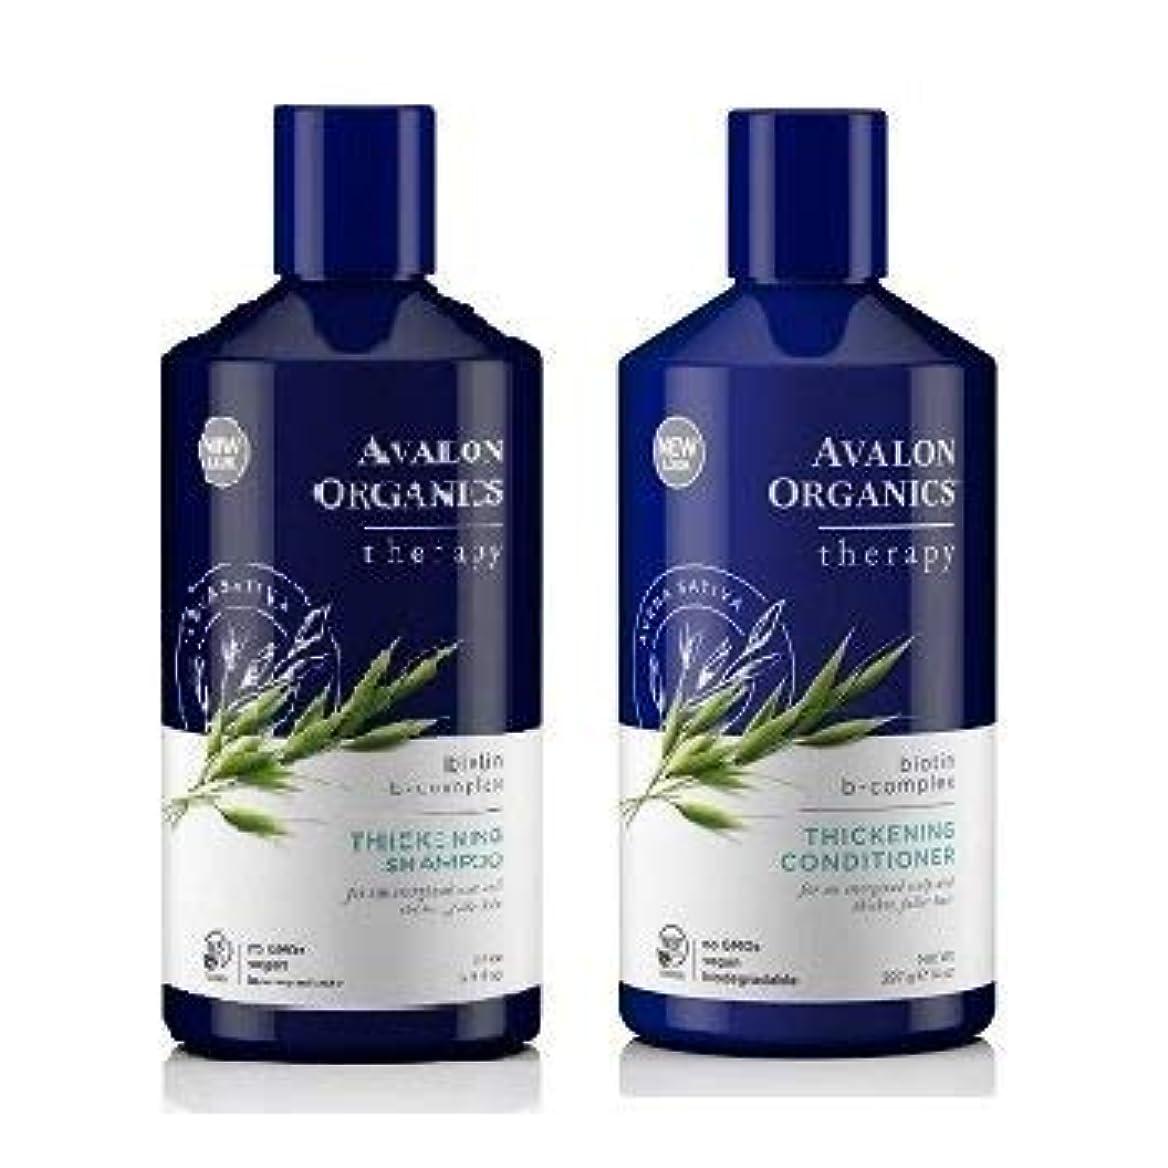 冊子たっぷり混乱【海外直送品】【お得用セット】アバロン ビオチンBコンプレックスシャンプー&コンディショナーAvalon - Biotin B-Complex Thickening Shampoo & Conditioner - 14 fl oz (400 ml)